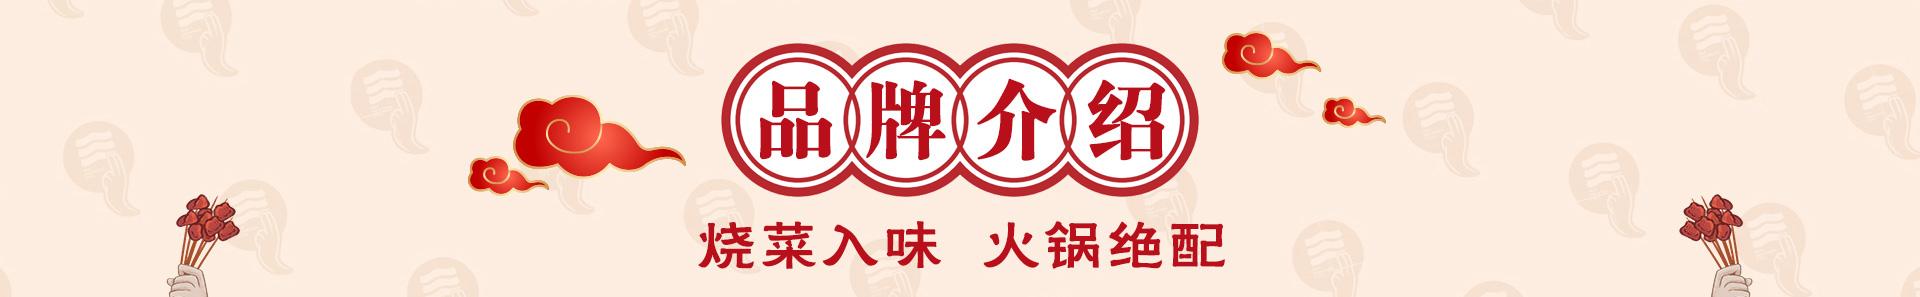 辣叁成燒菜火鍋lsc_02